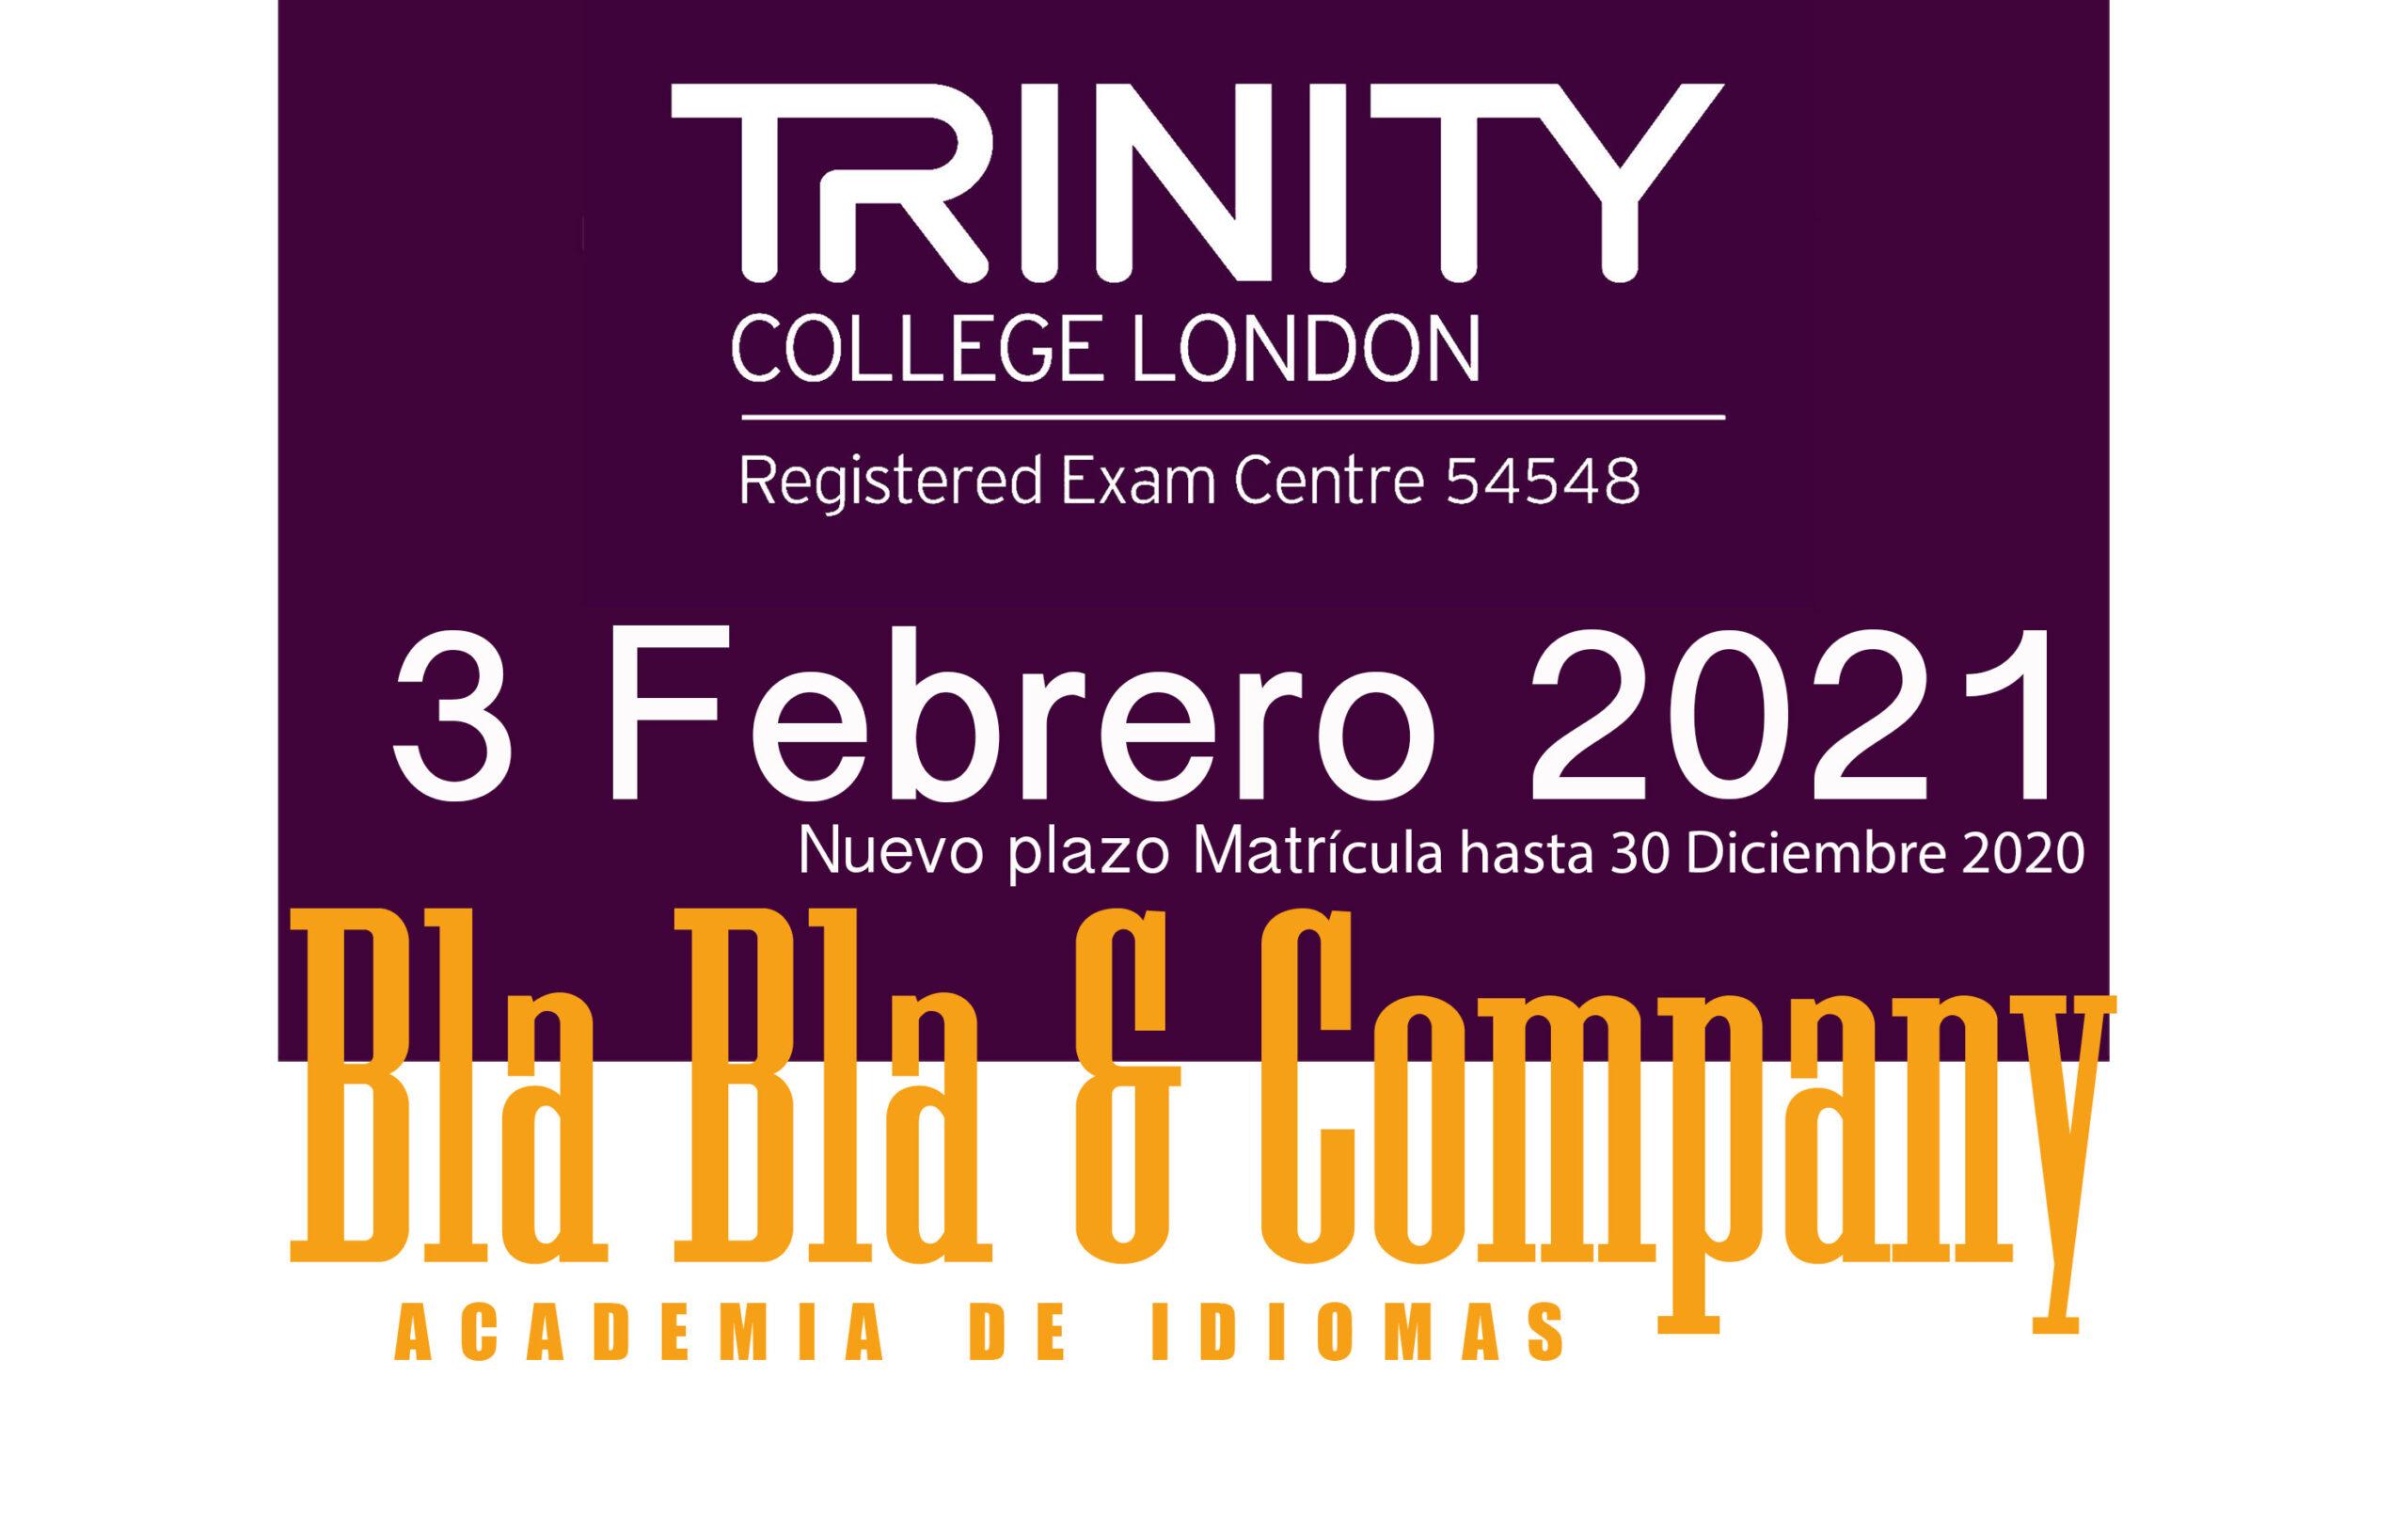 Examen Trinity Febrero 2021